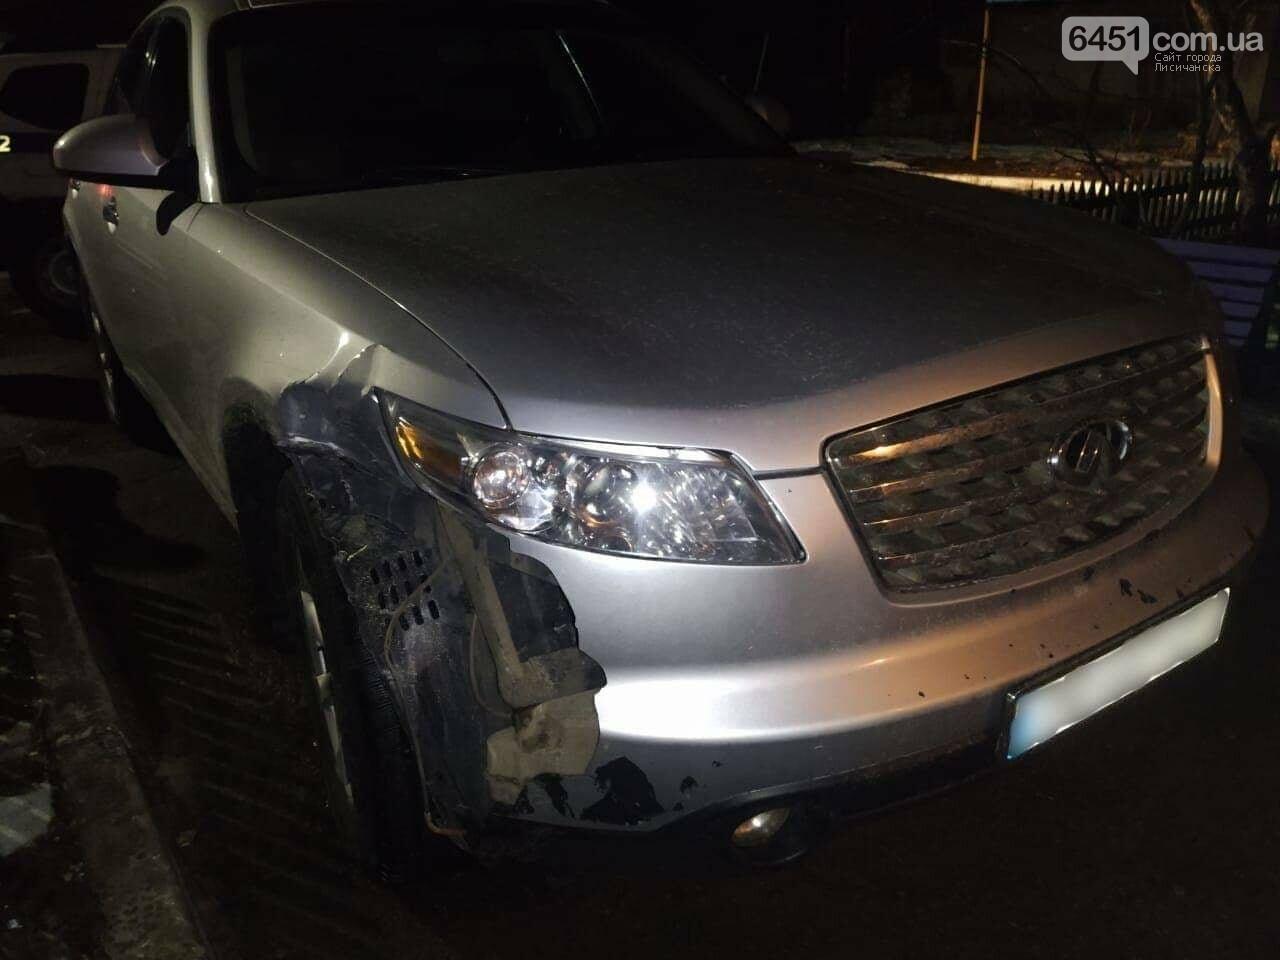 Совершил ДТП и сбежал с места происшествия: в Кременной отыскали водителя-беглеца, фото-1, Полиция Луганской области